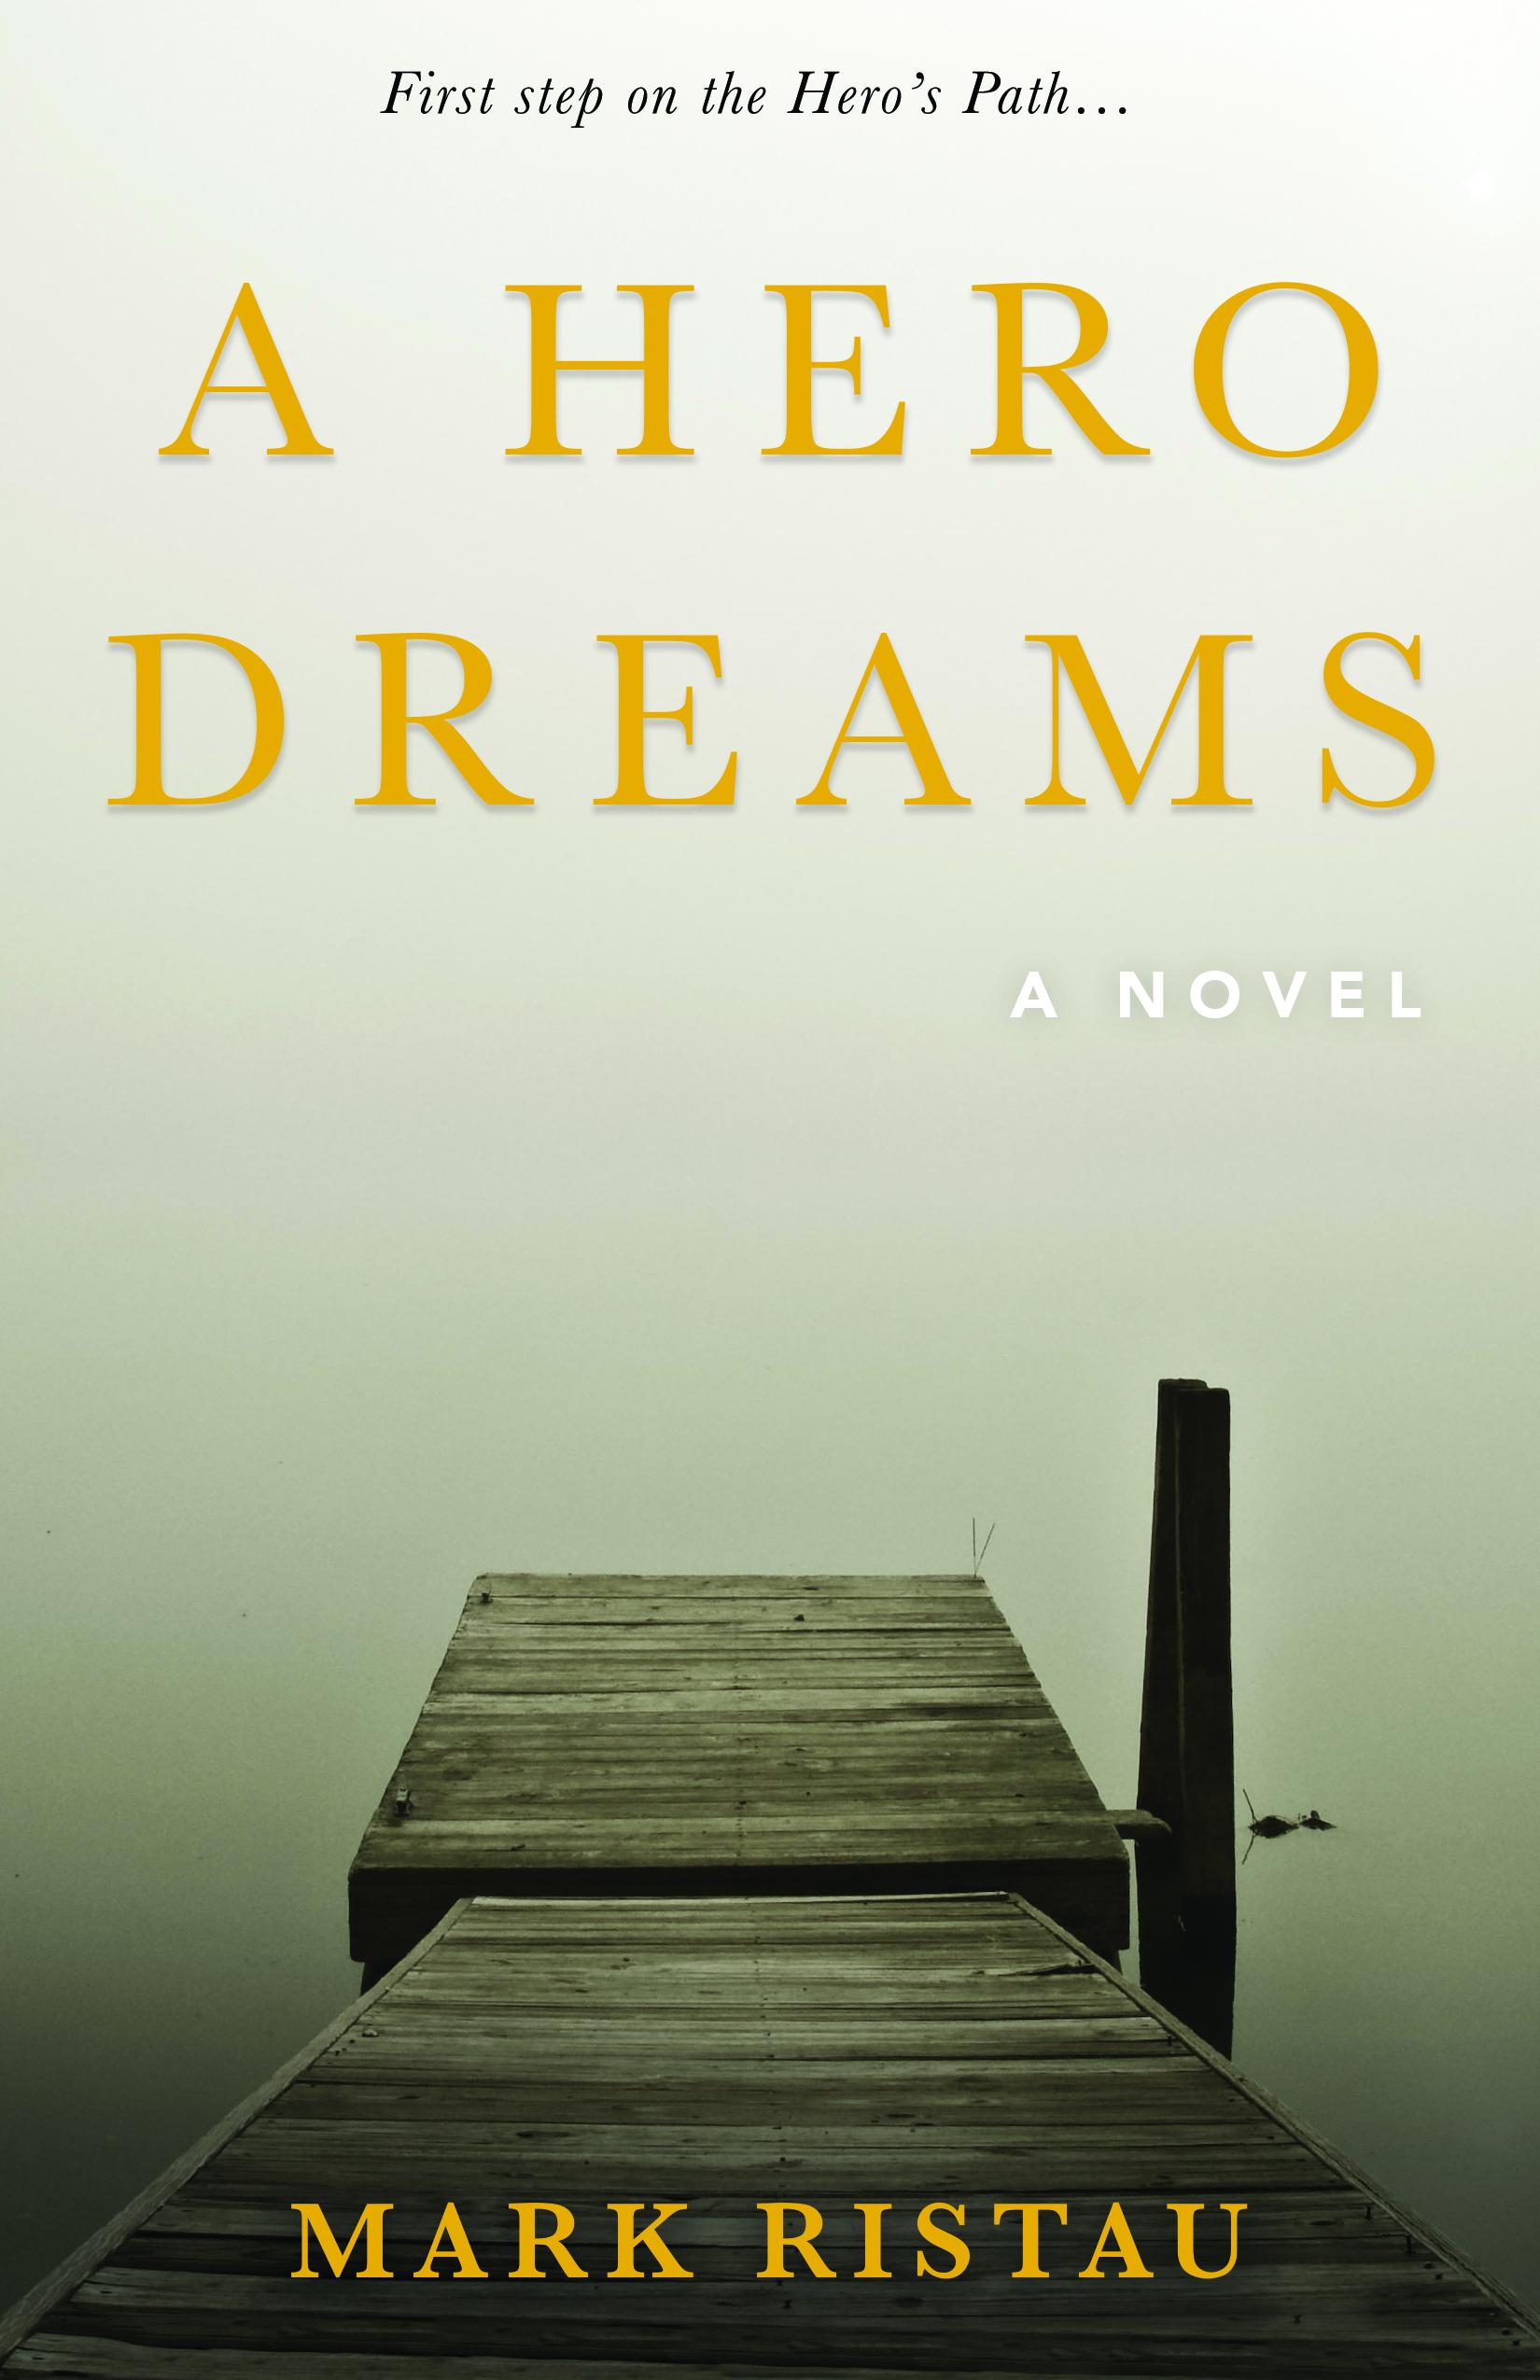 A Hero Dreams